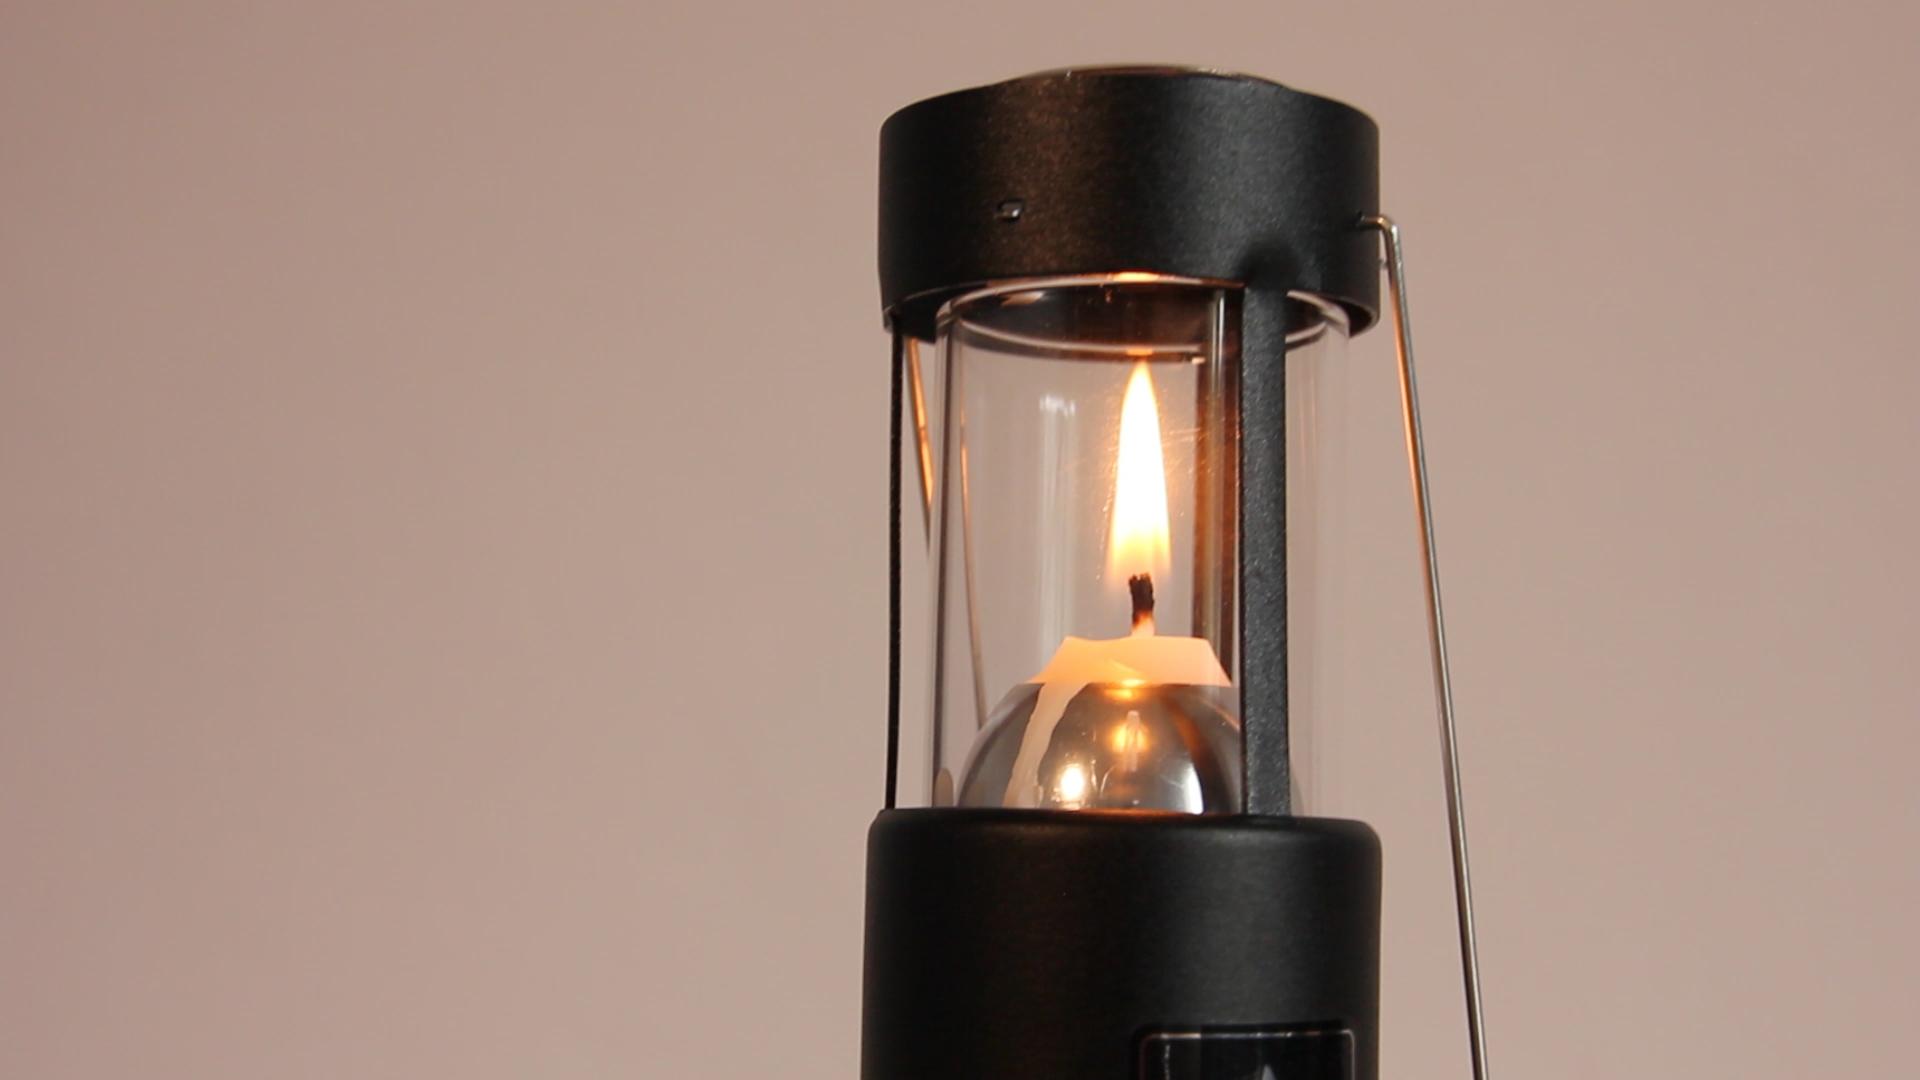 Cheminée en verre lanterne uco original